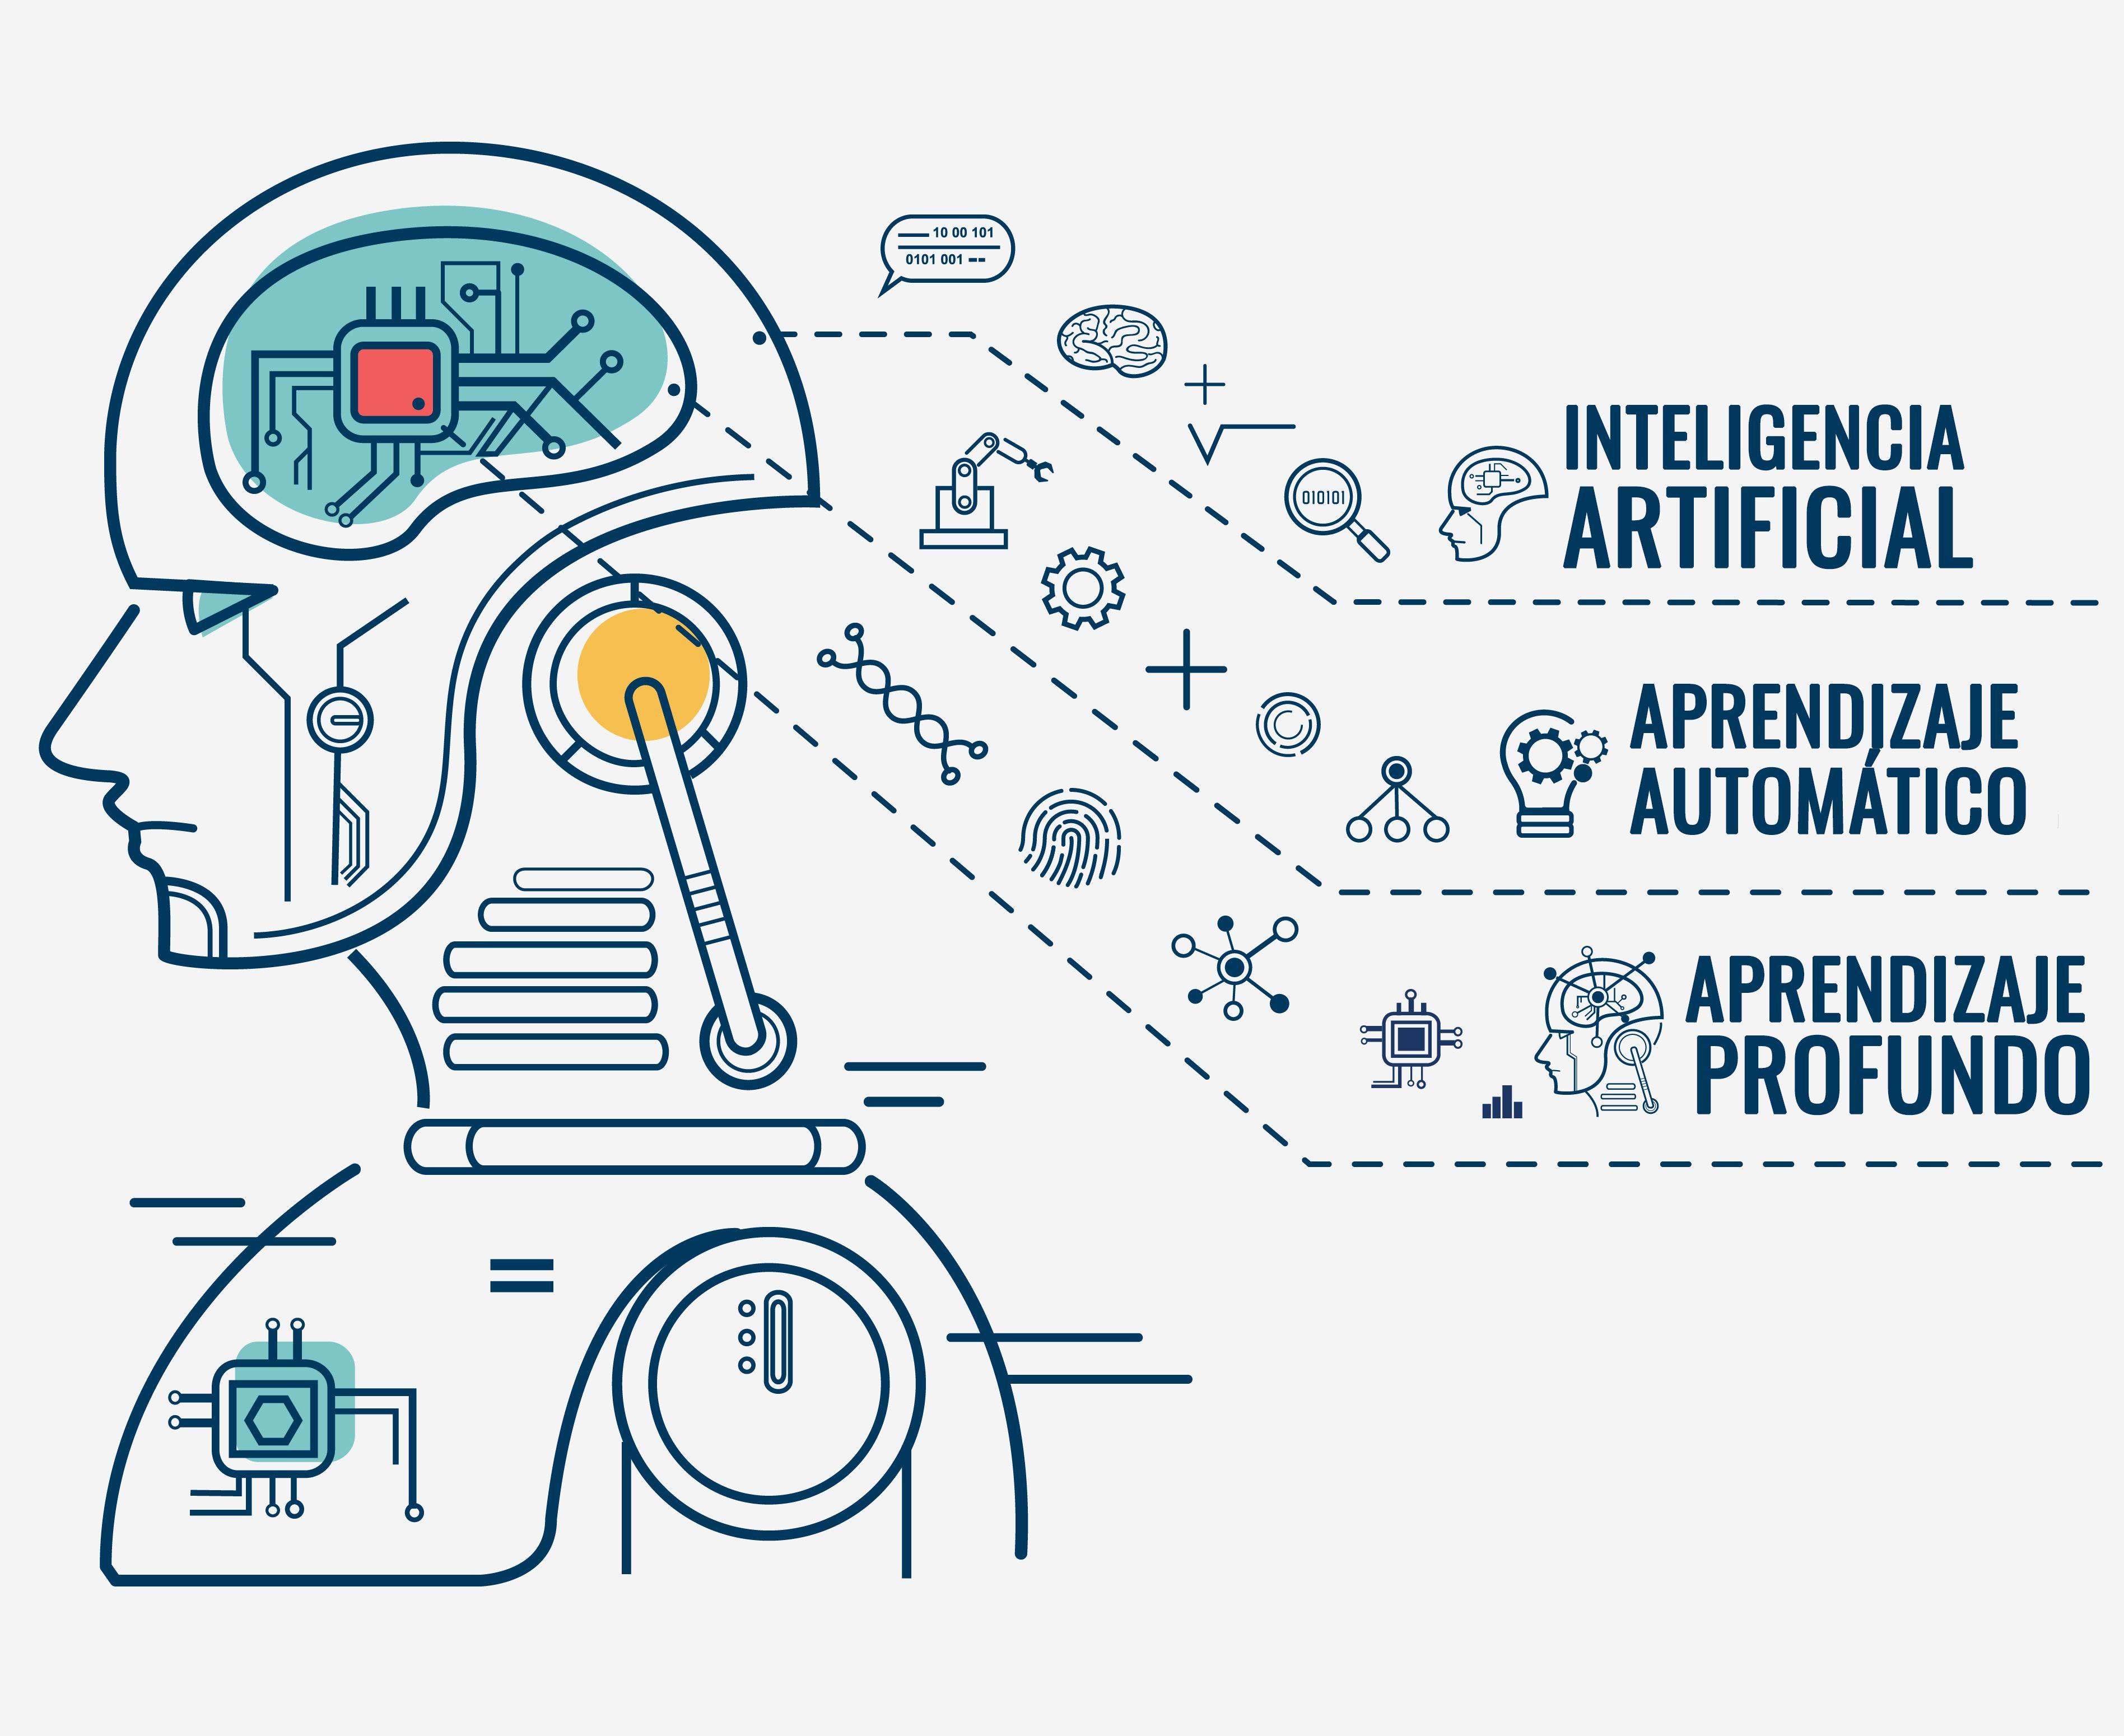 La inteligencia artificial y el aprendizaje automático